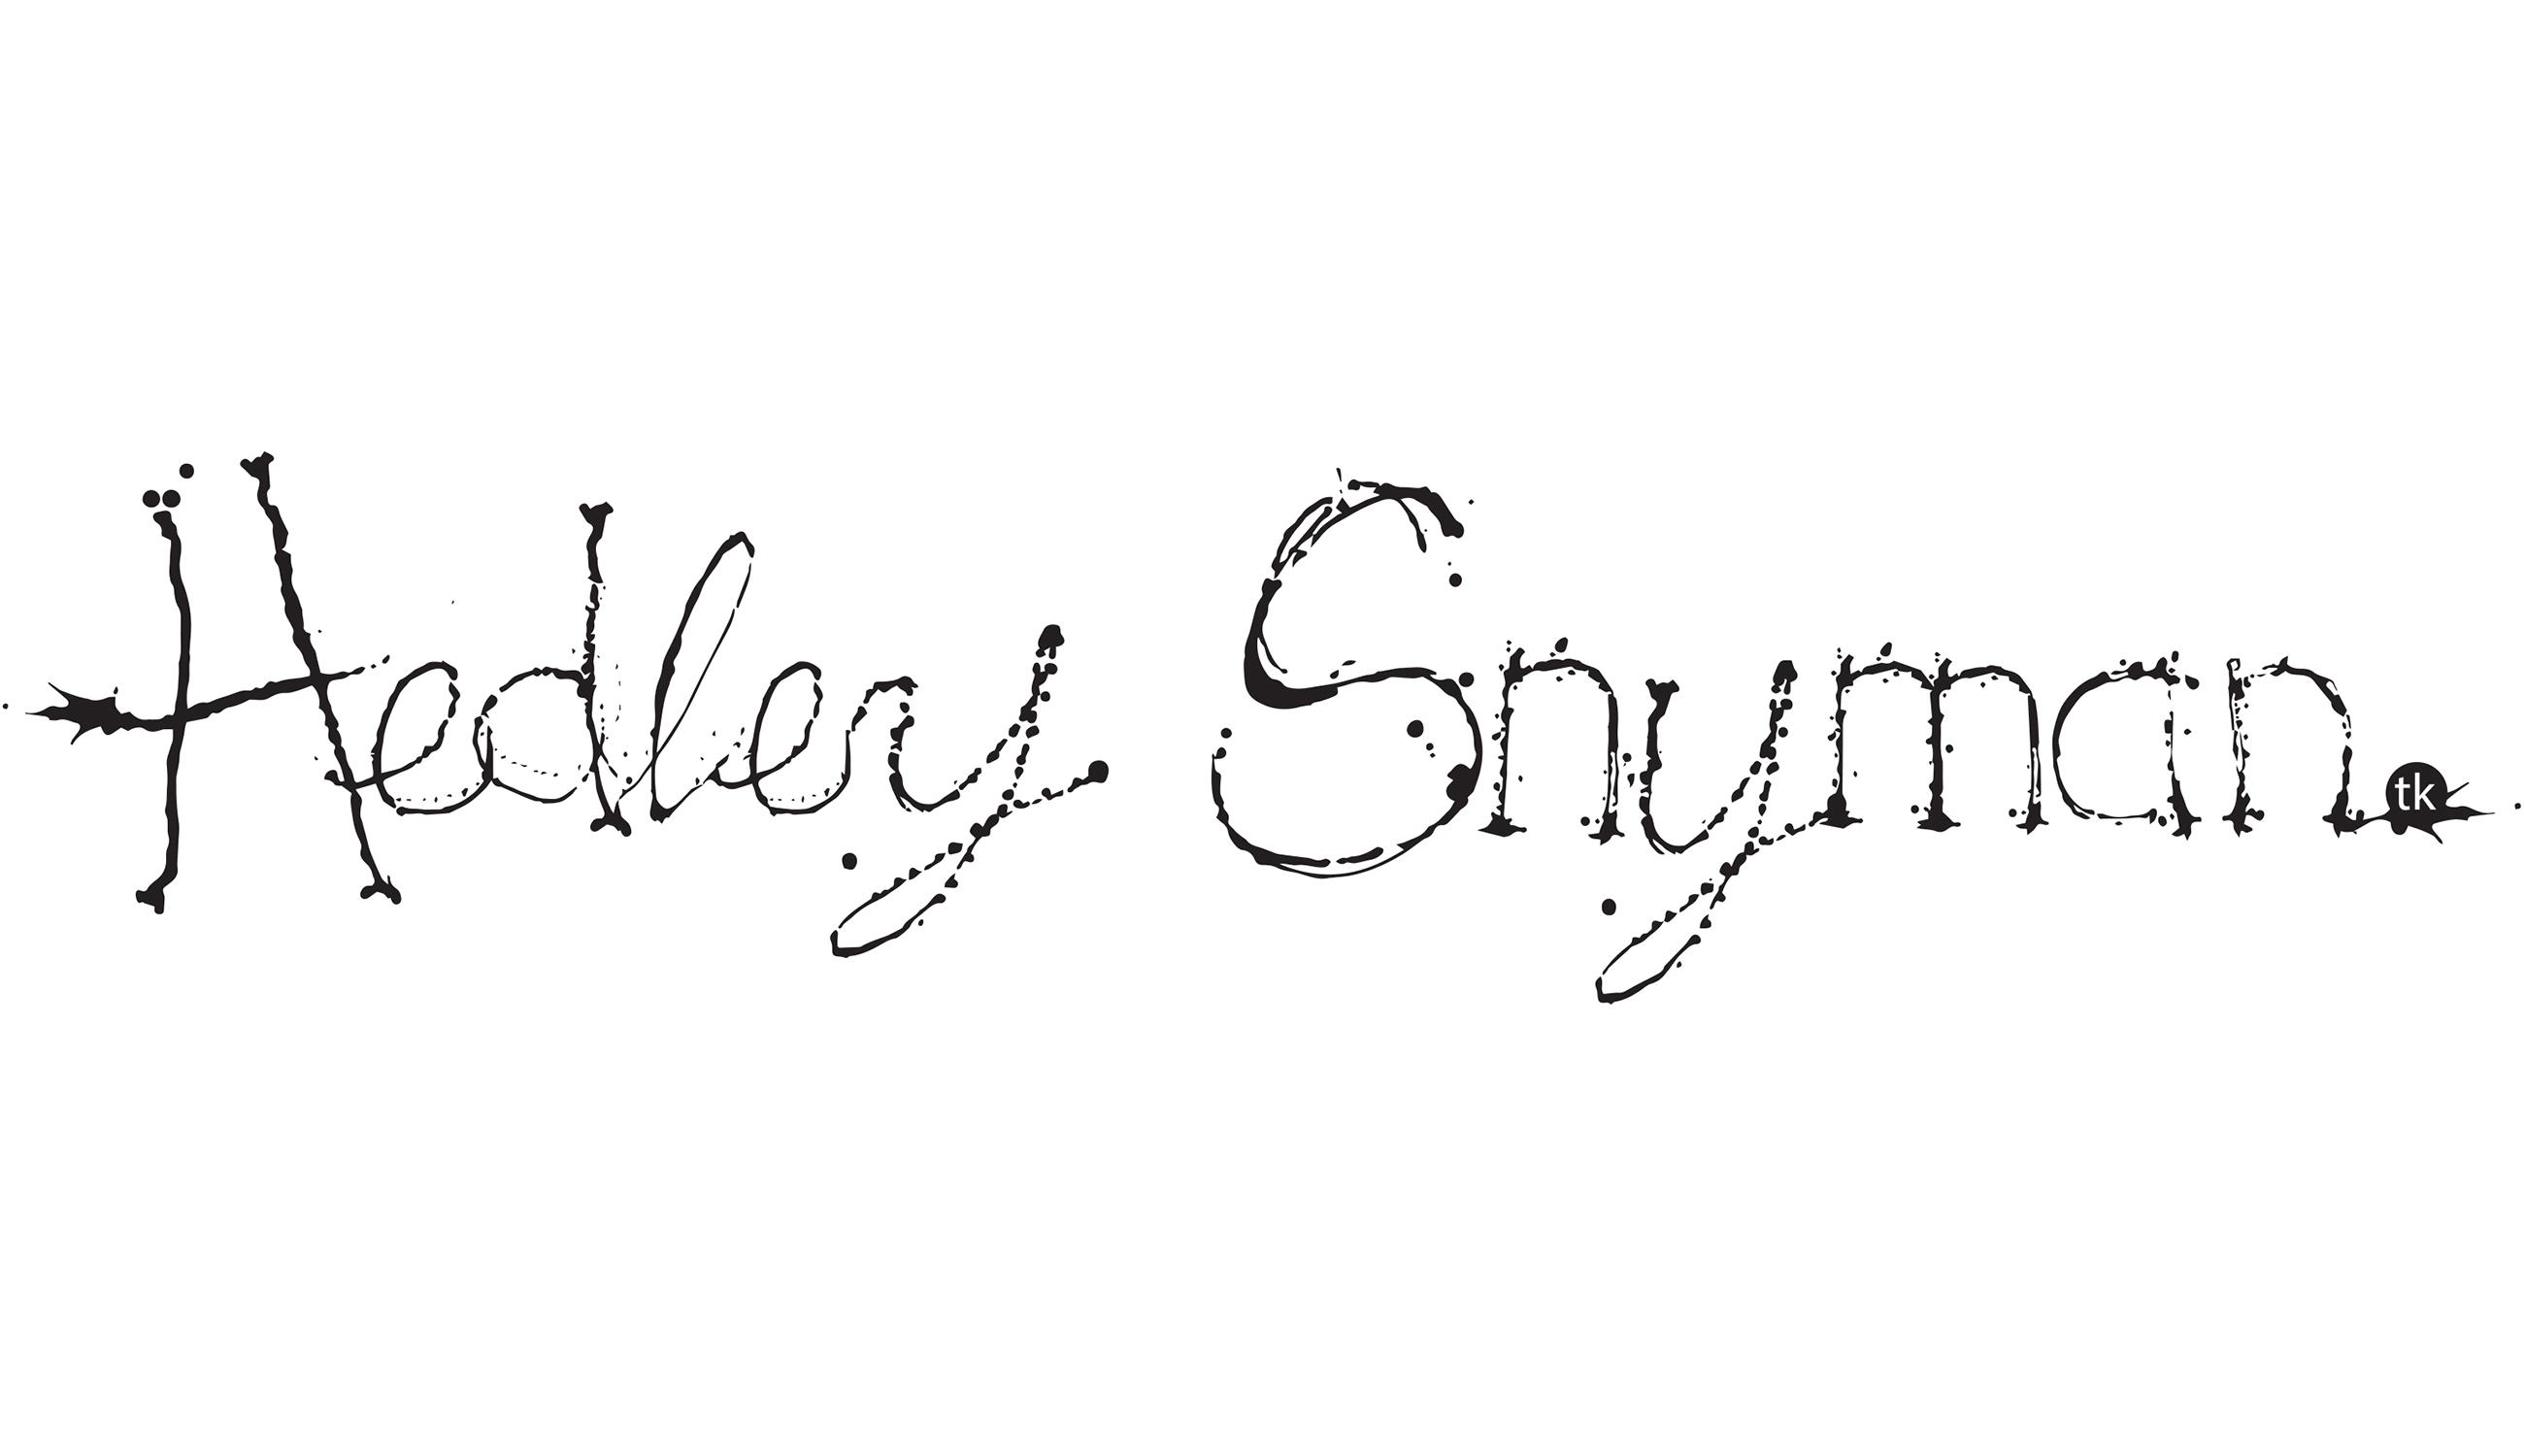 Hnd's Signature